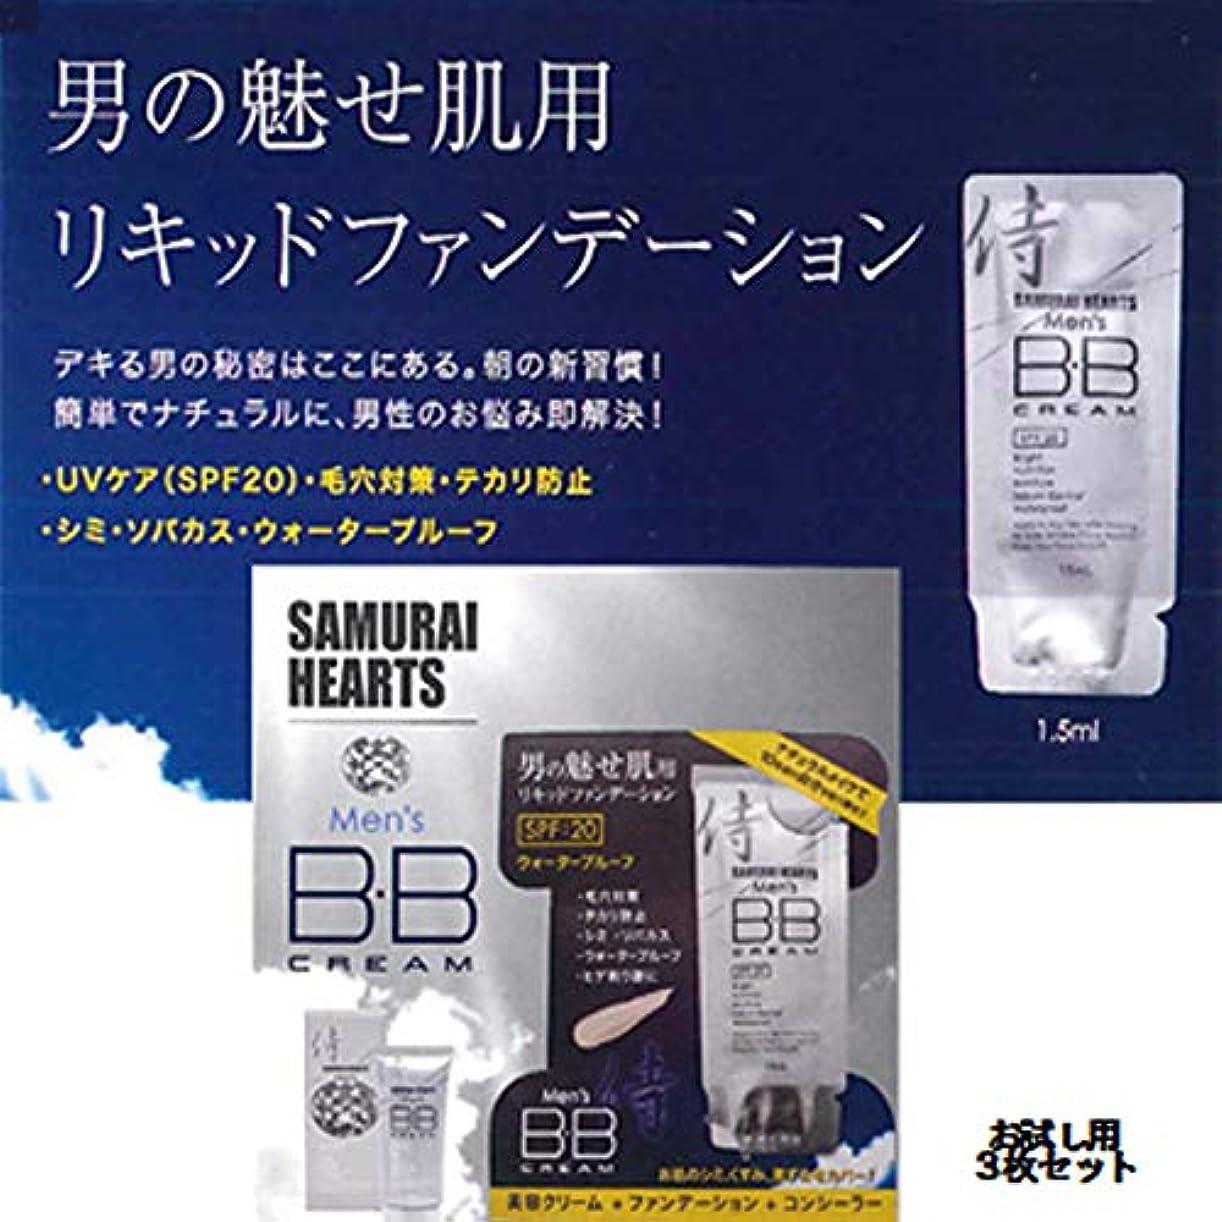 休憩する広々危険サムライハーツ BBクリーム SPF20 パウチ1.5ml 3枚入 お試し用